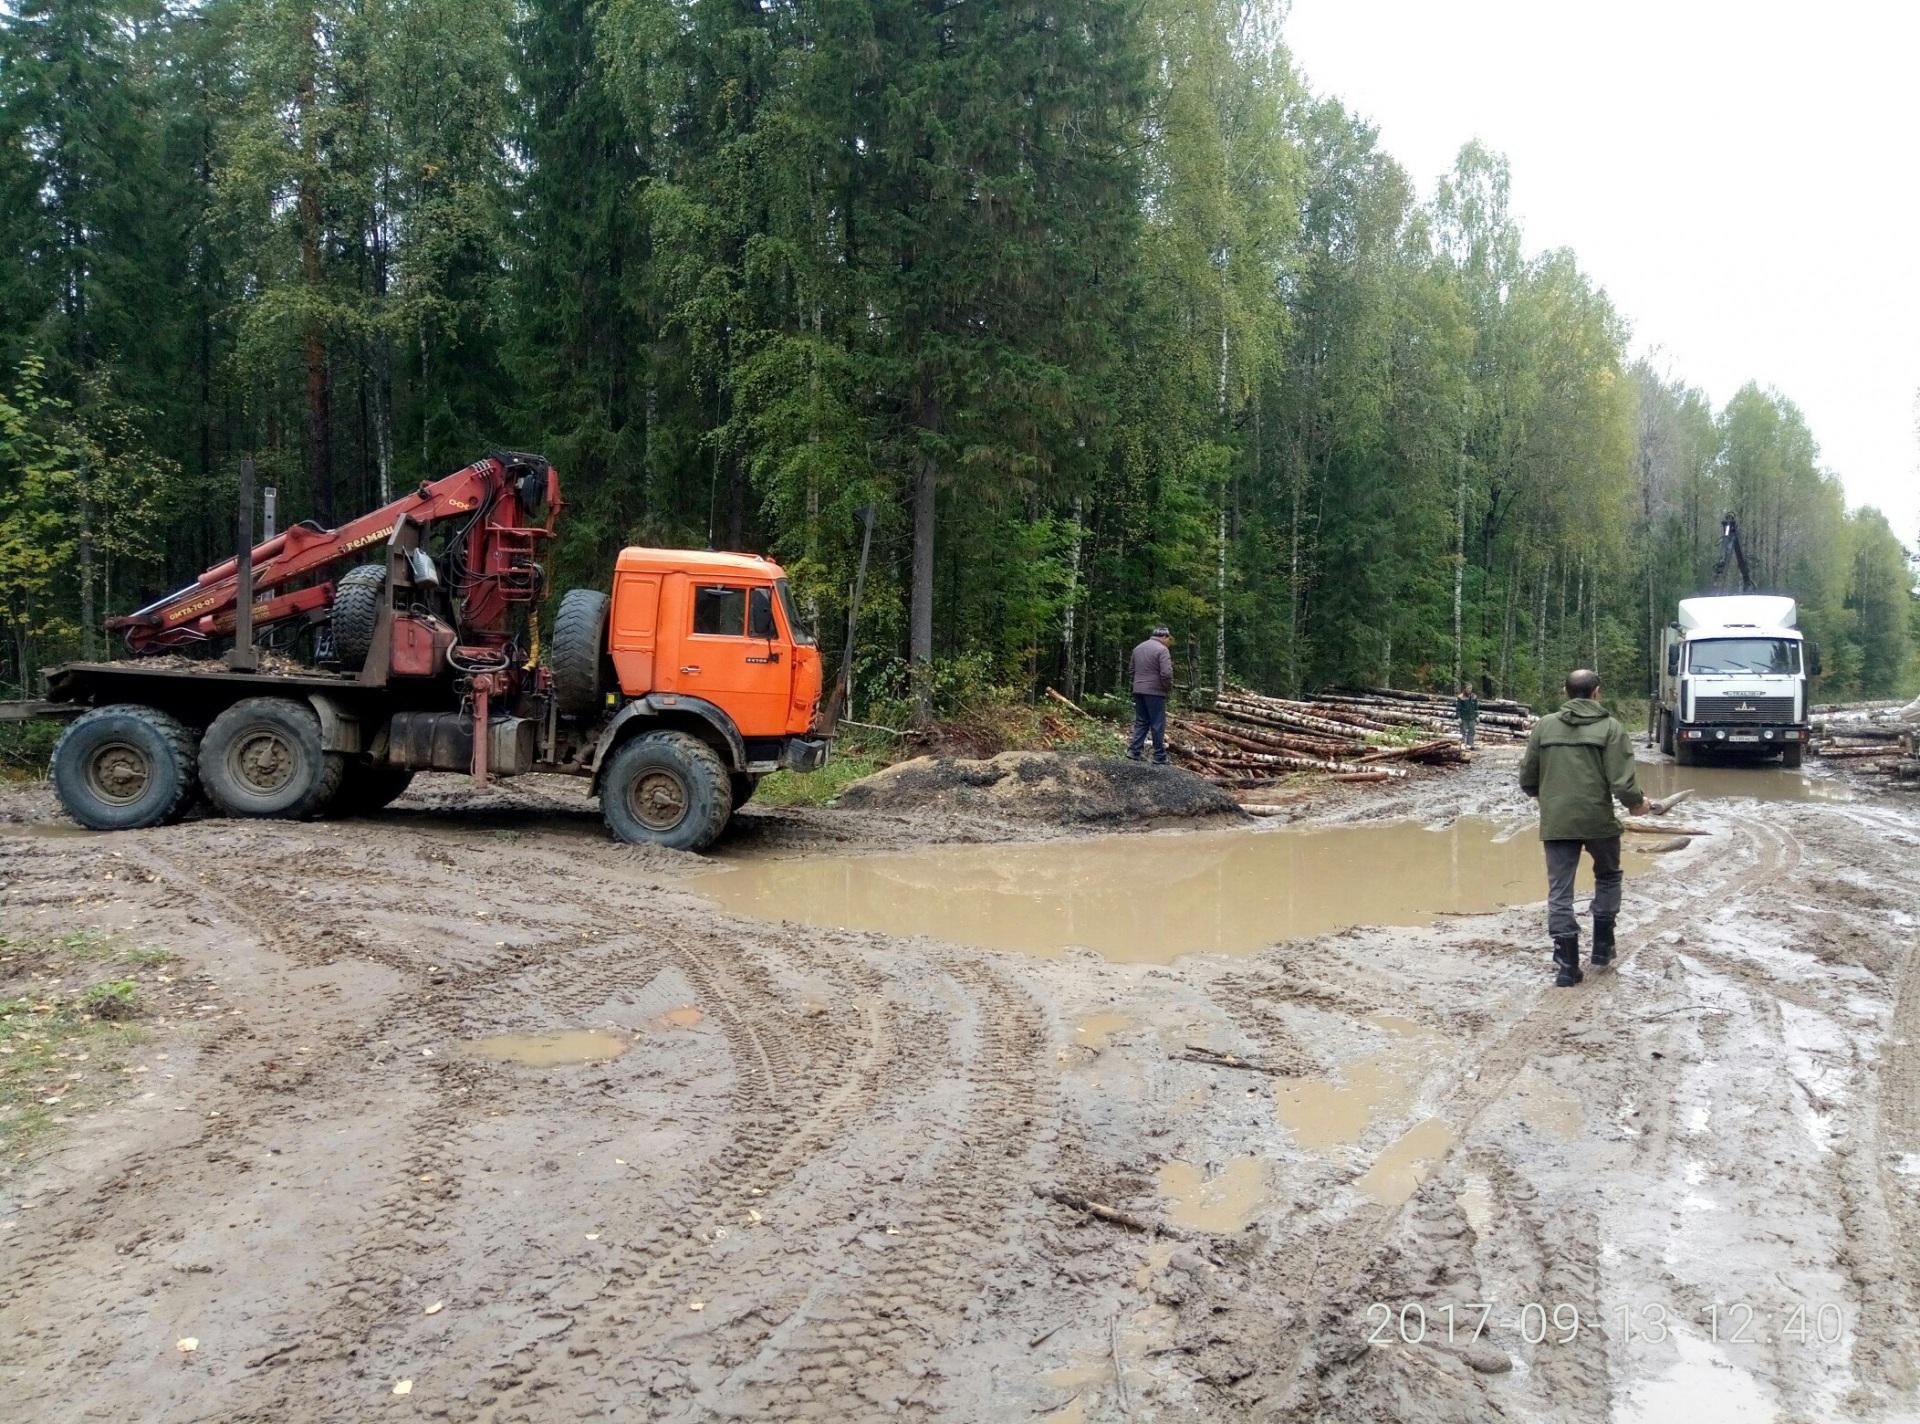 В Прилузском районе лесовозы игнорируют запрет на проезд большегрузного транспорта